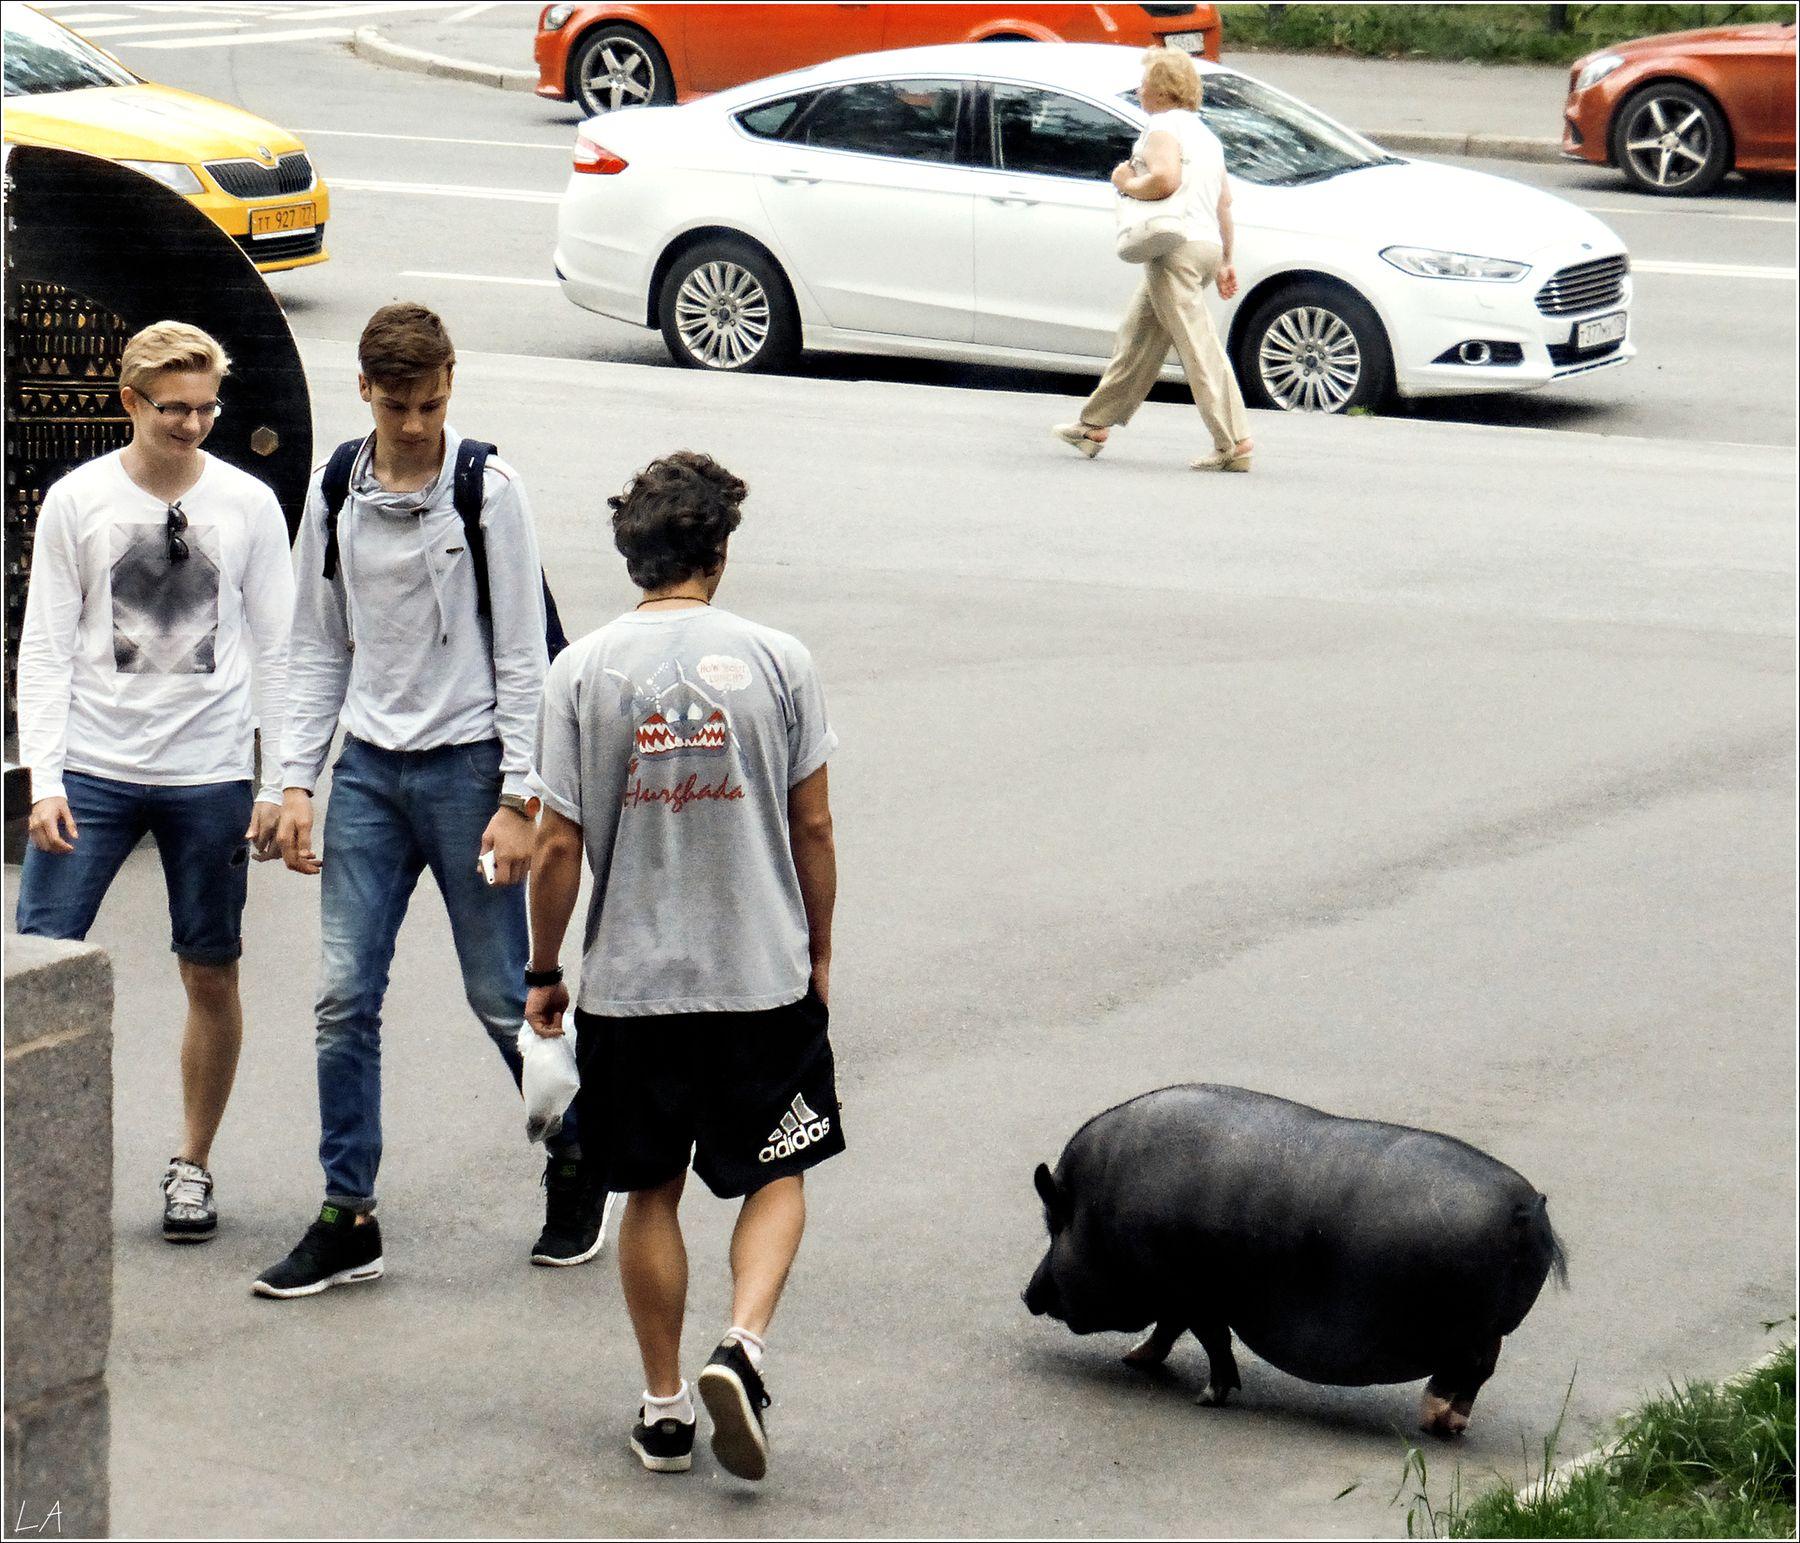 *Вышла свинка погулять...* фотография путешествие Санкт-Петербург животные свинья улица лето Фото.Сайт Светлана Мамакина Lihgra Adventure